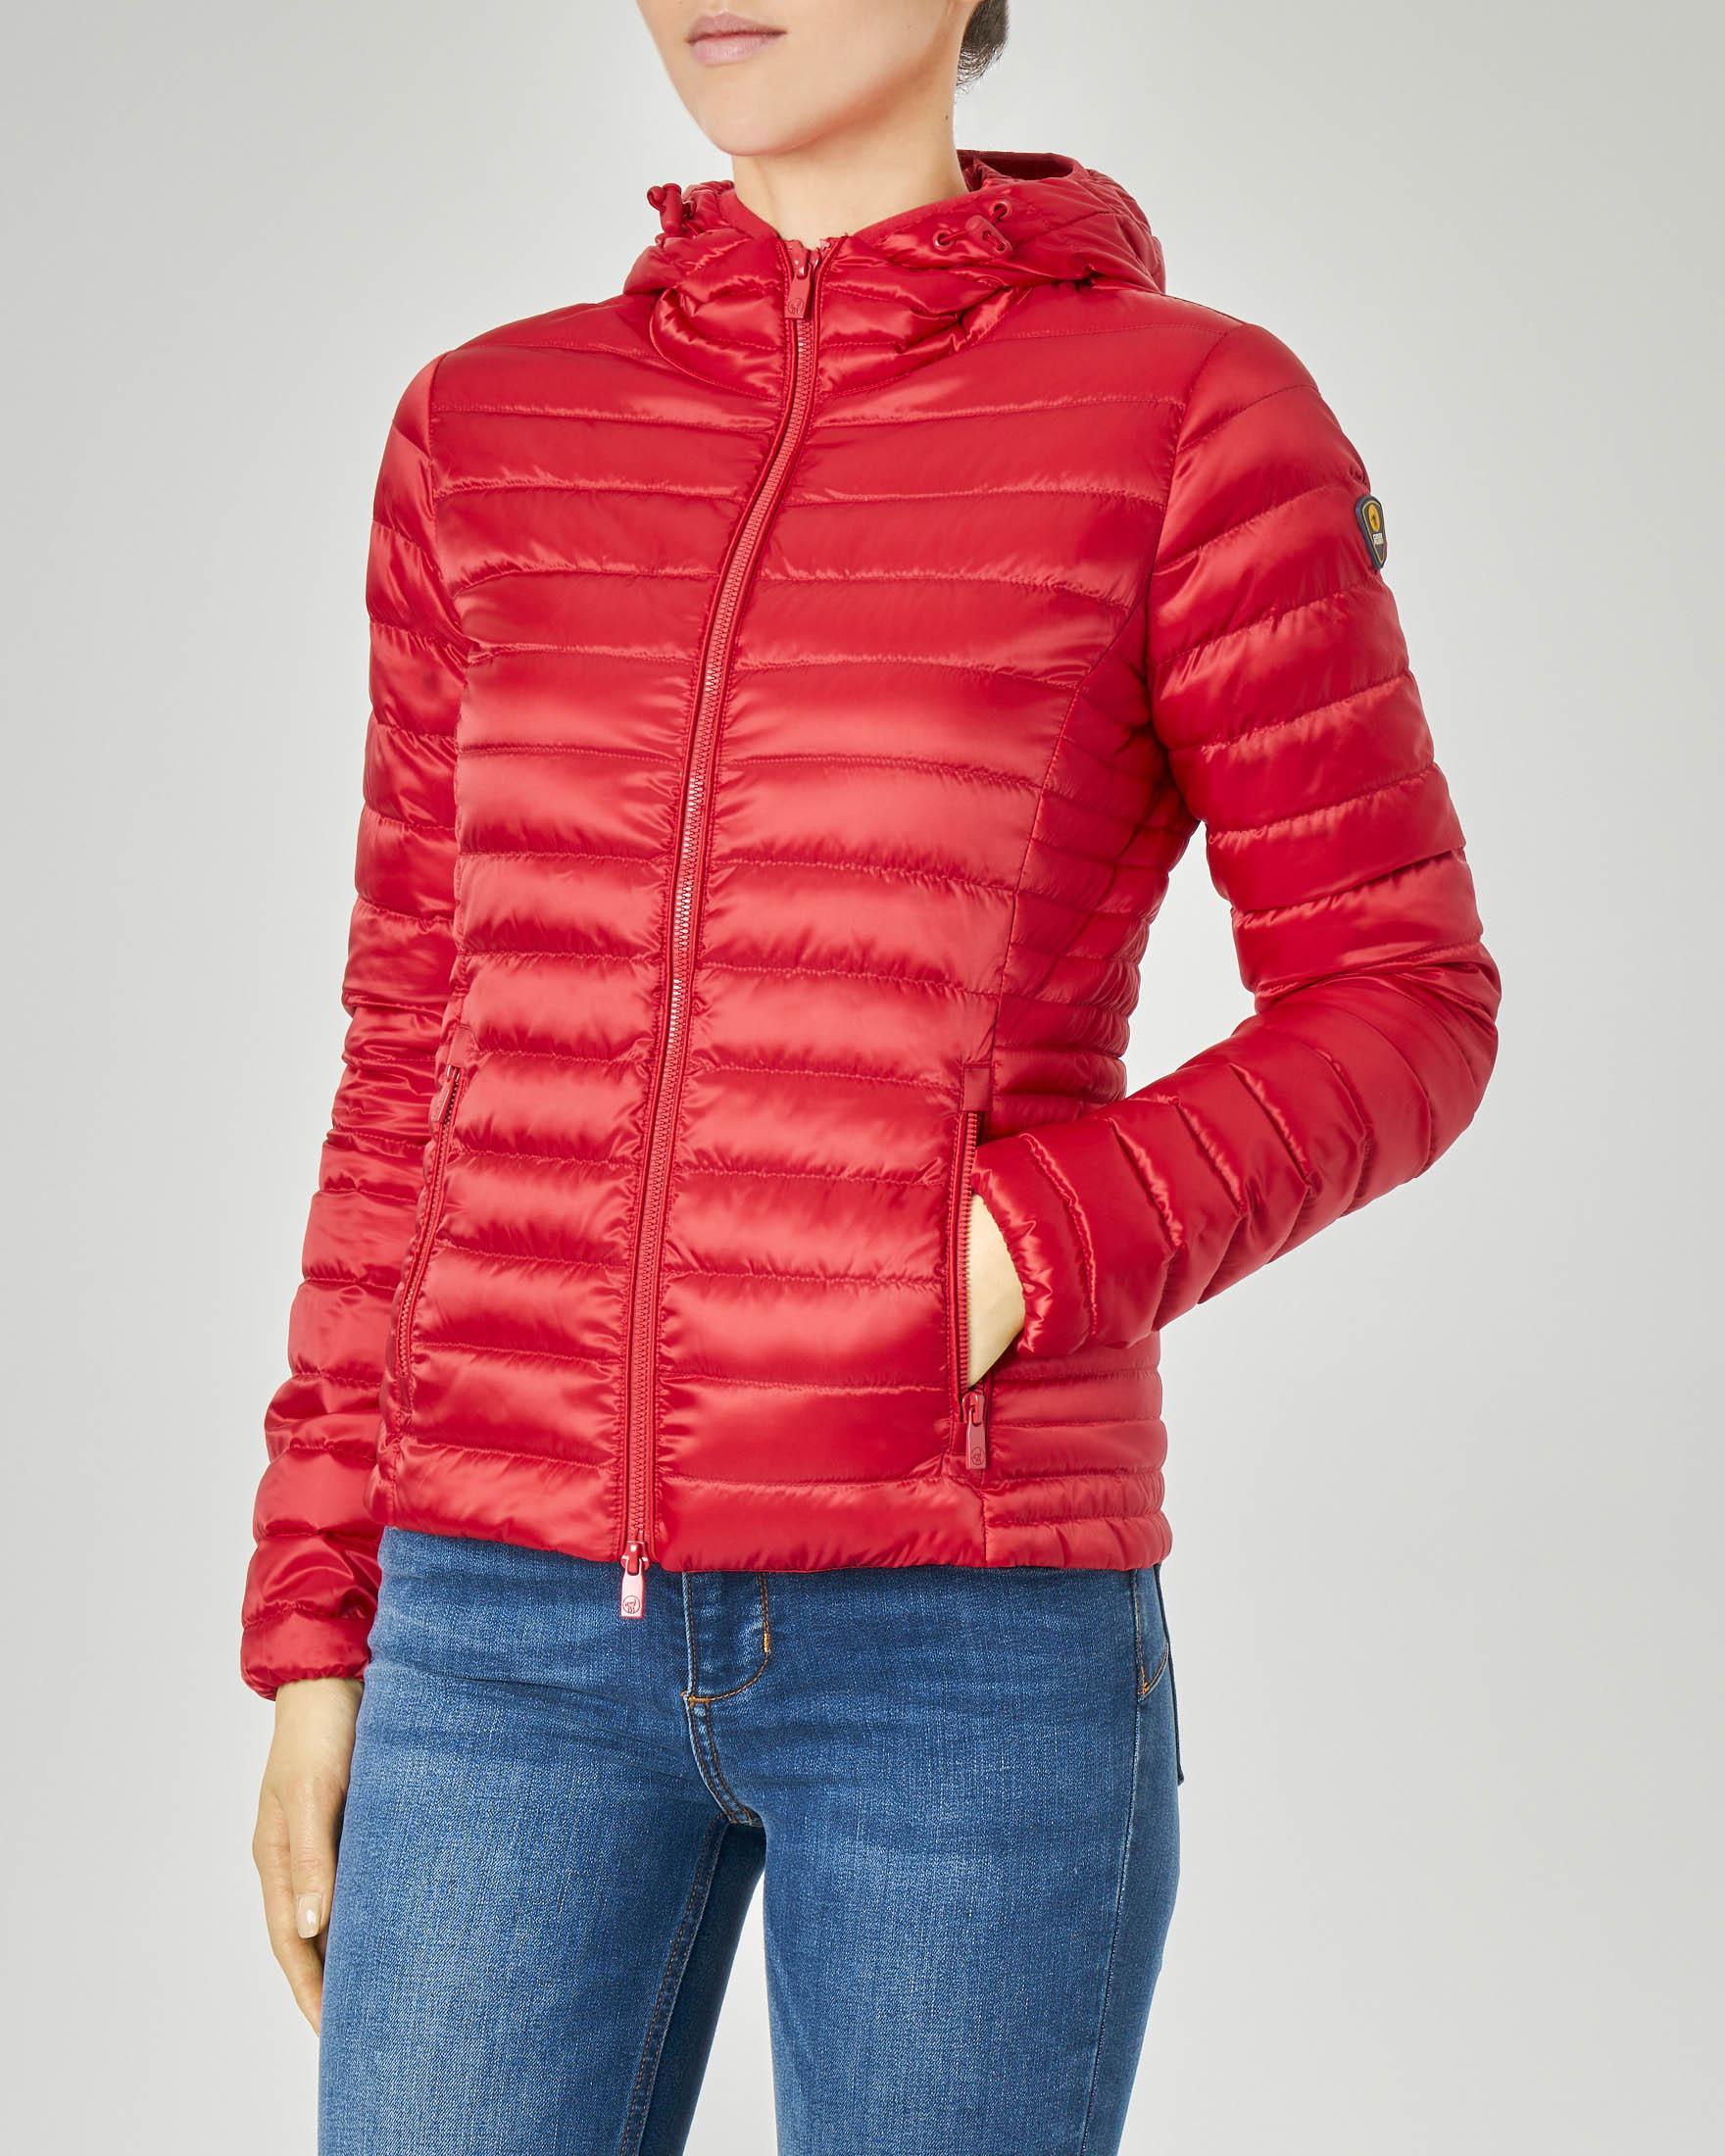 Piumino leggero con cappuccio colore rosso e tessuto effetto lucido